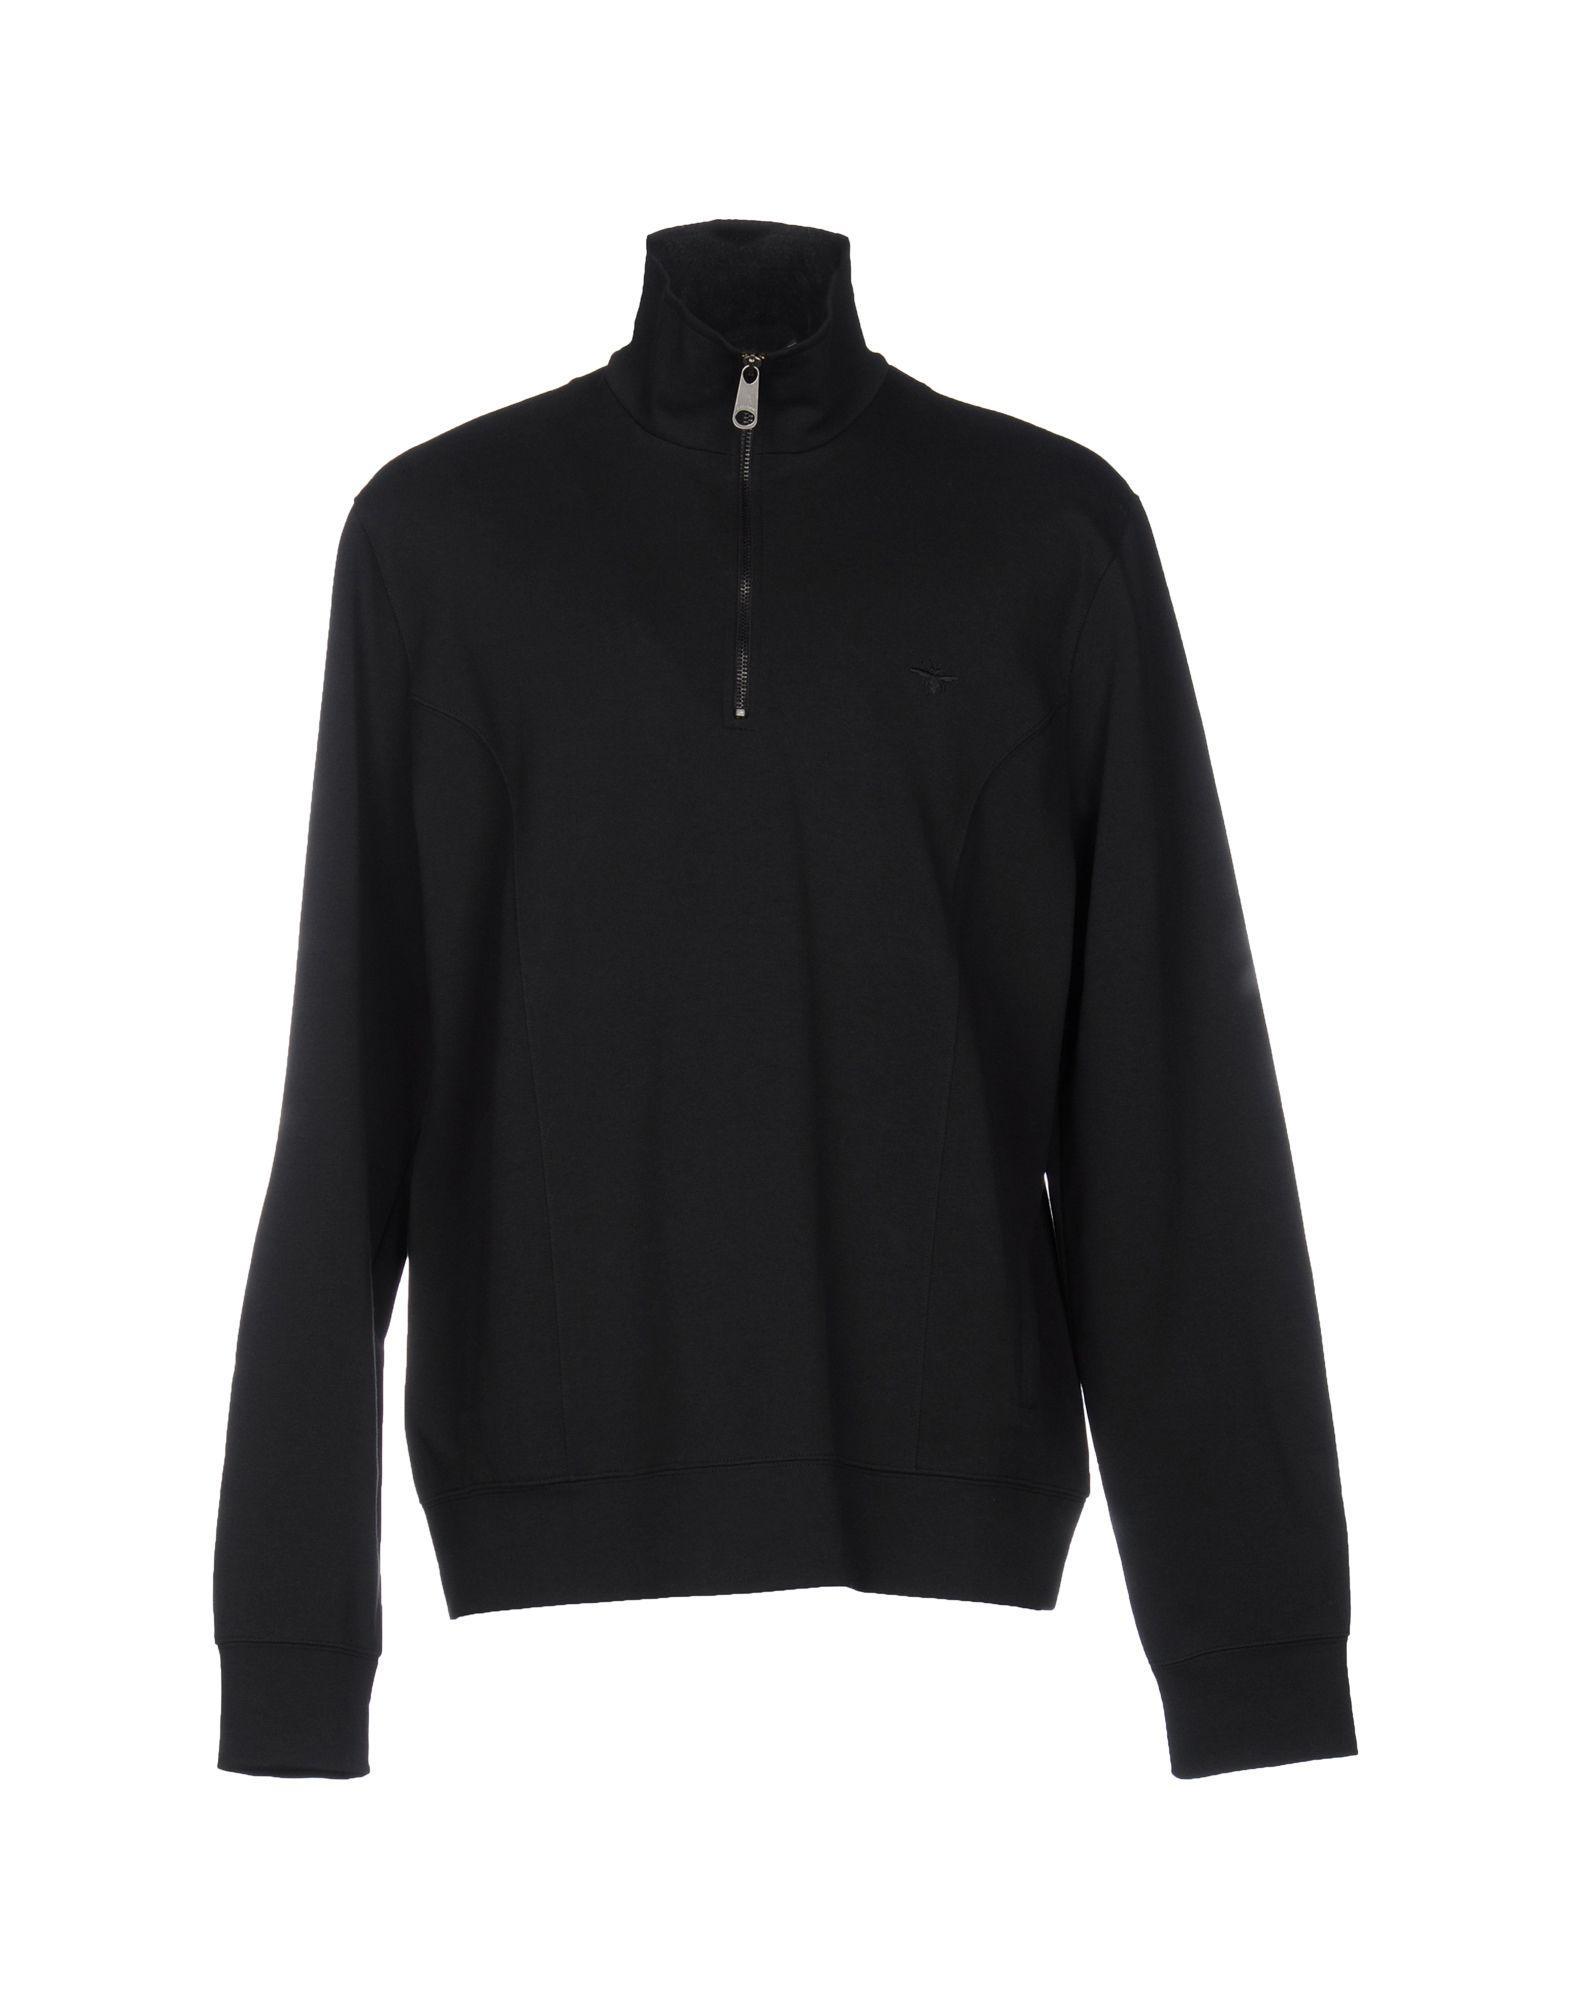 lyst dior homme sweatshirt in black for men. Black Bedroom Furniture Sets. Home Design Ideas